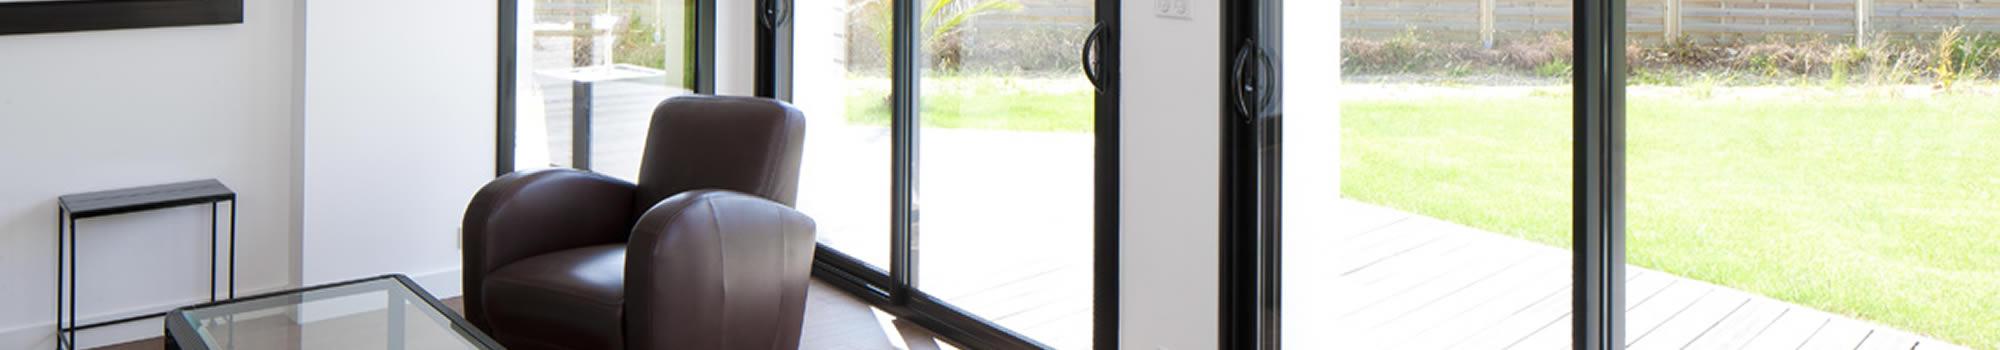 Vente et pose de fenêtres ALU Metz